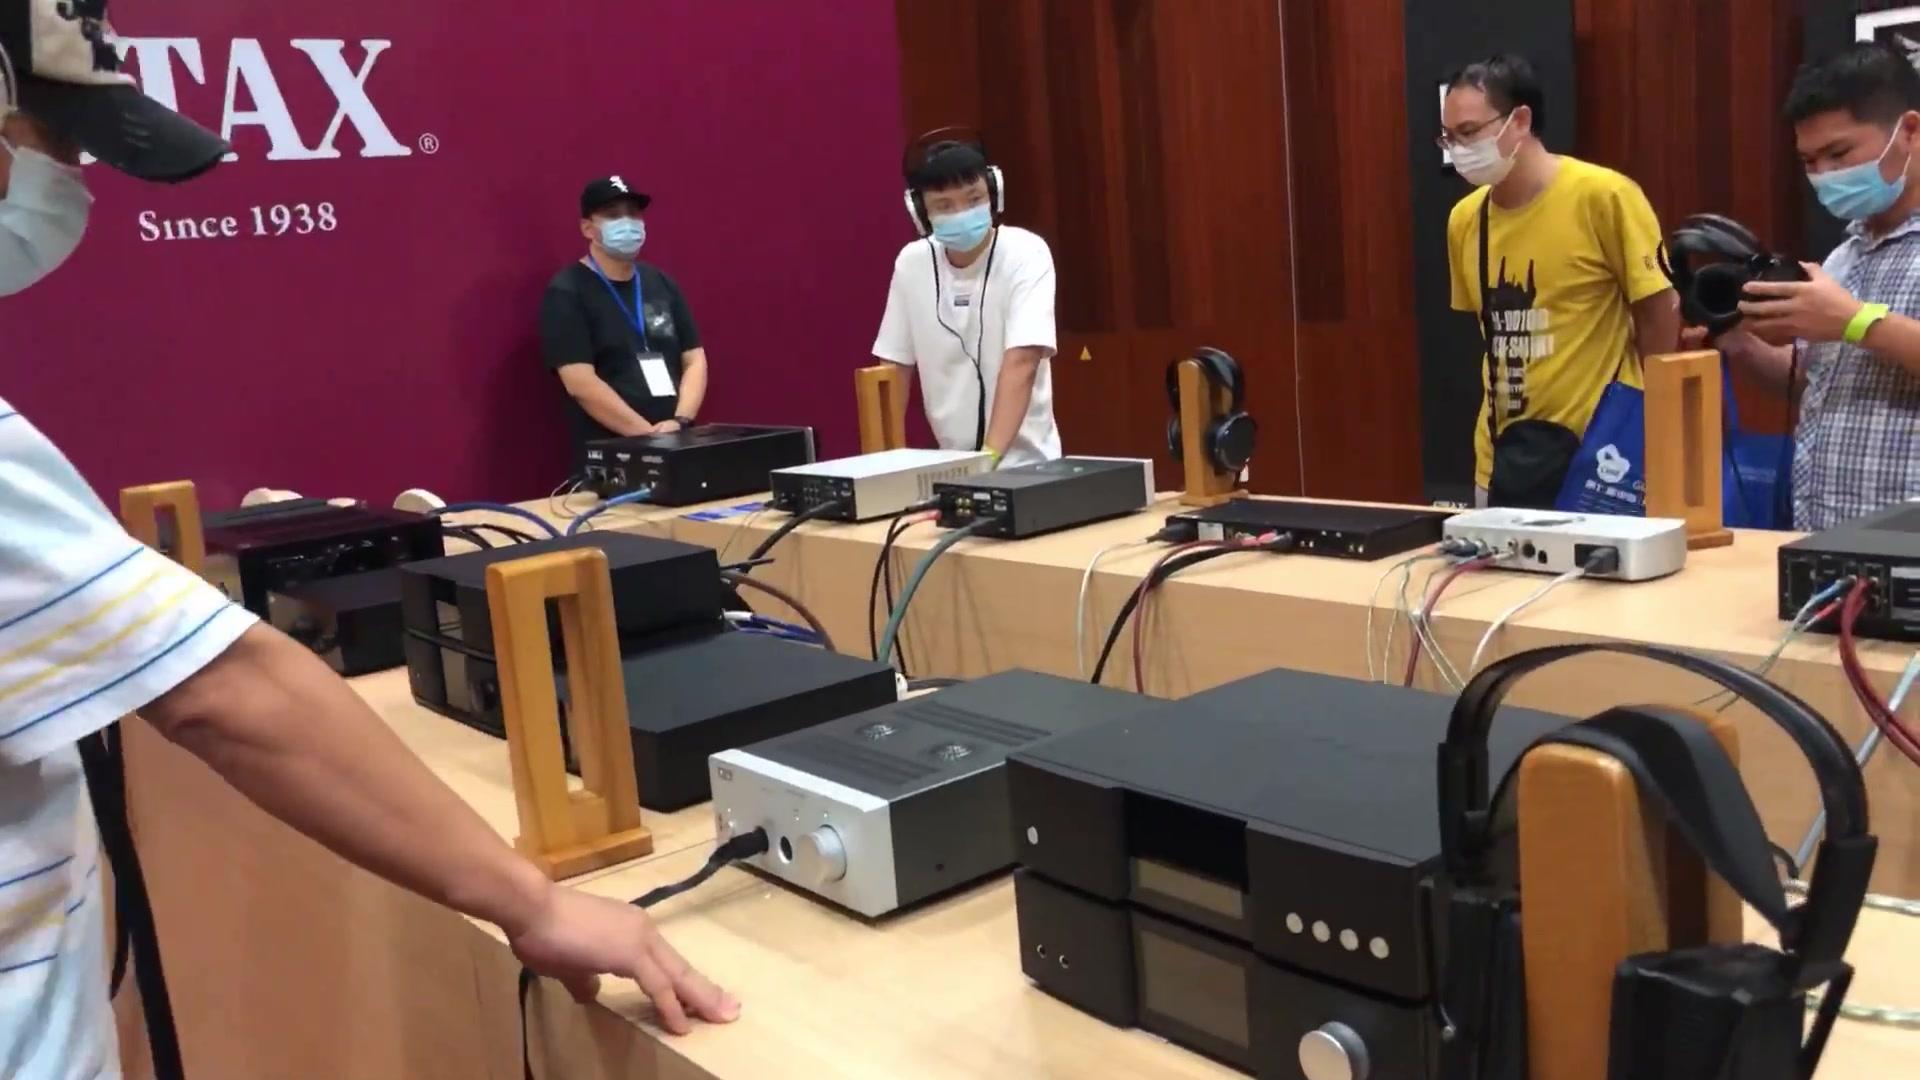 #云逛展#【山茶播】2020广州国际耳机展快览